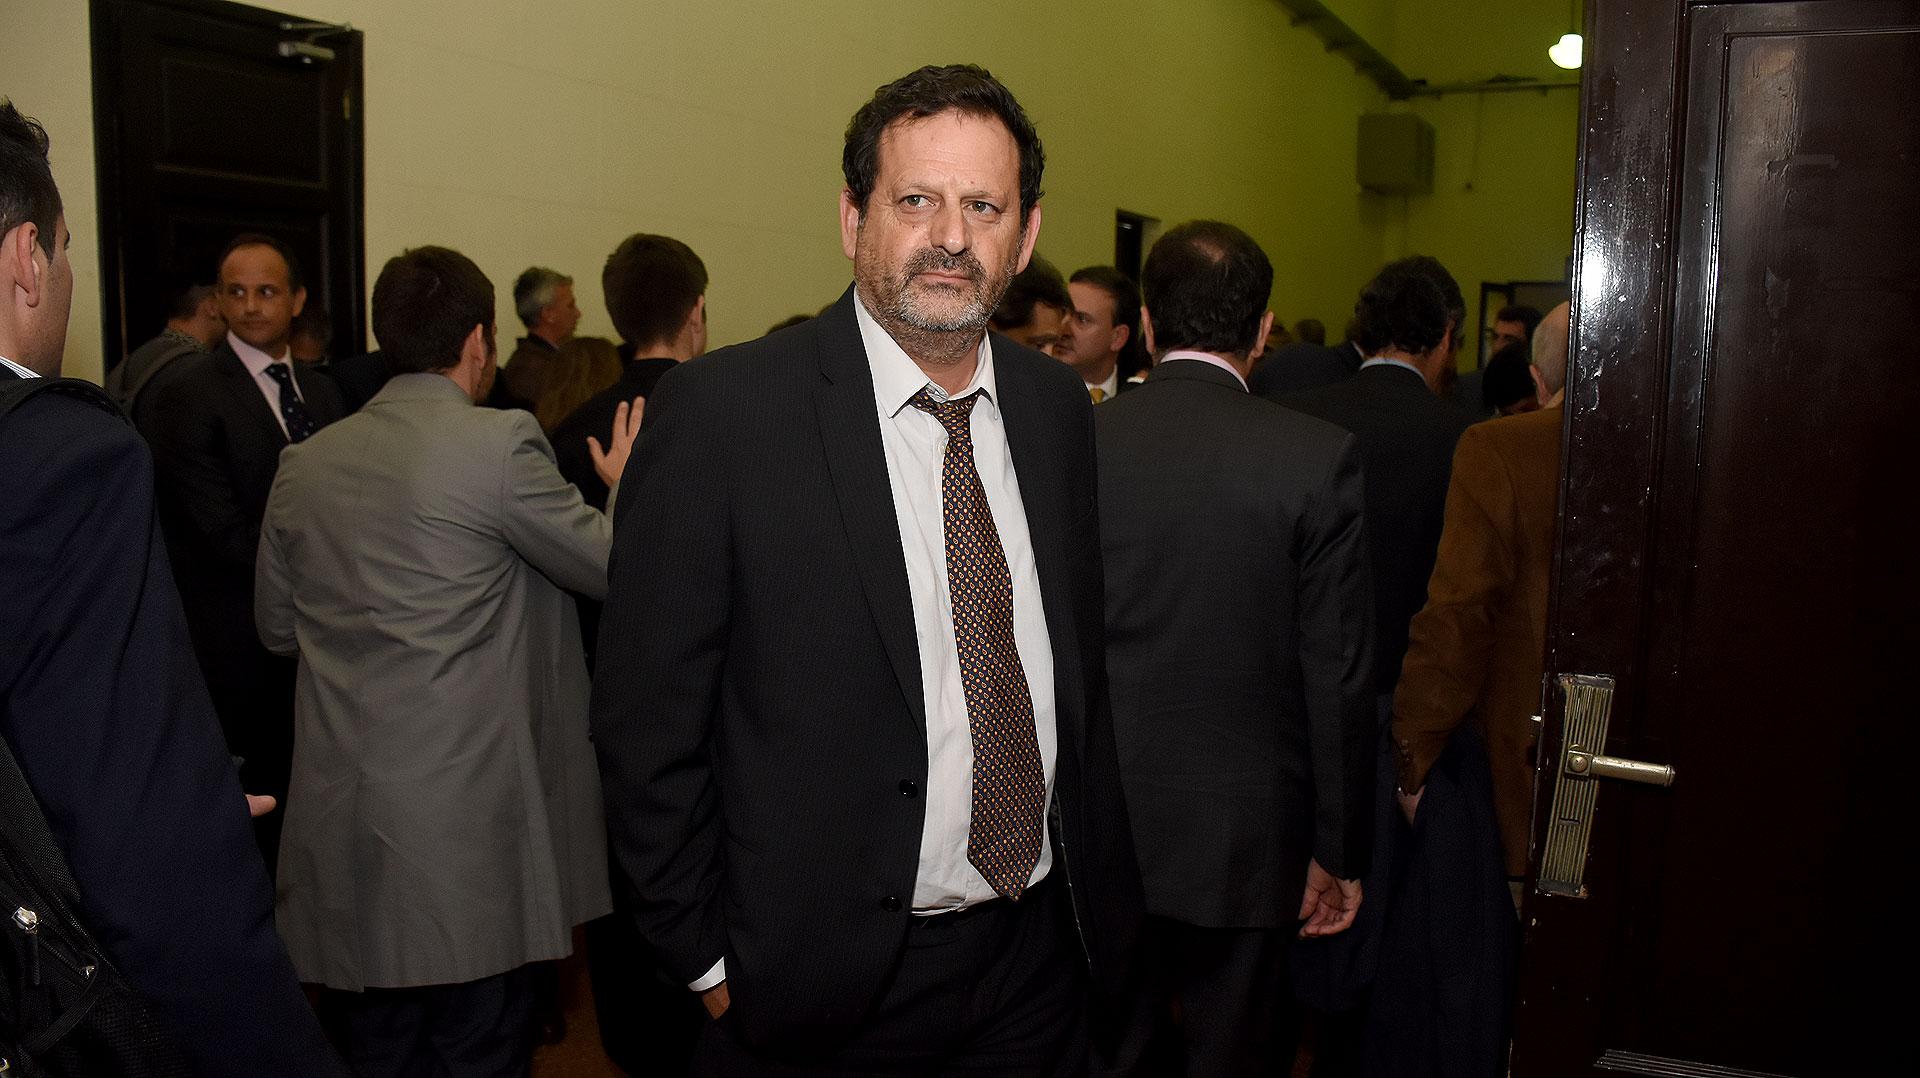 Gustavo Meirovich